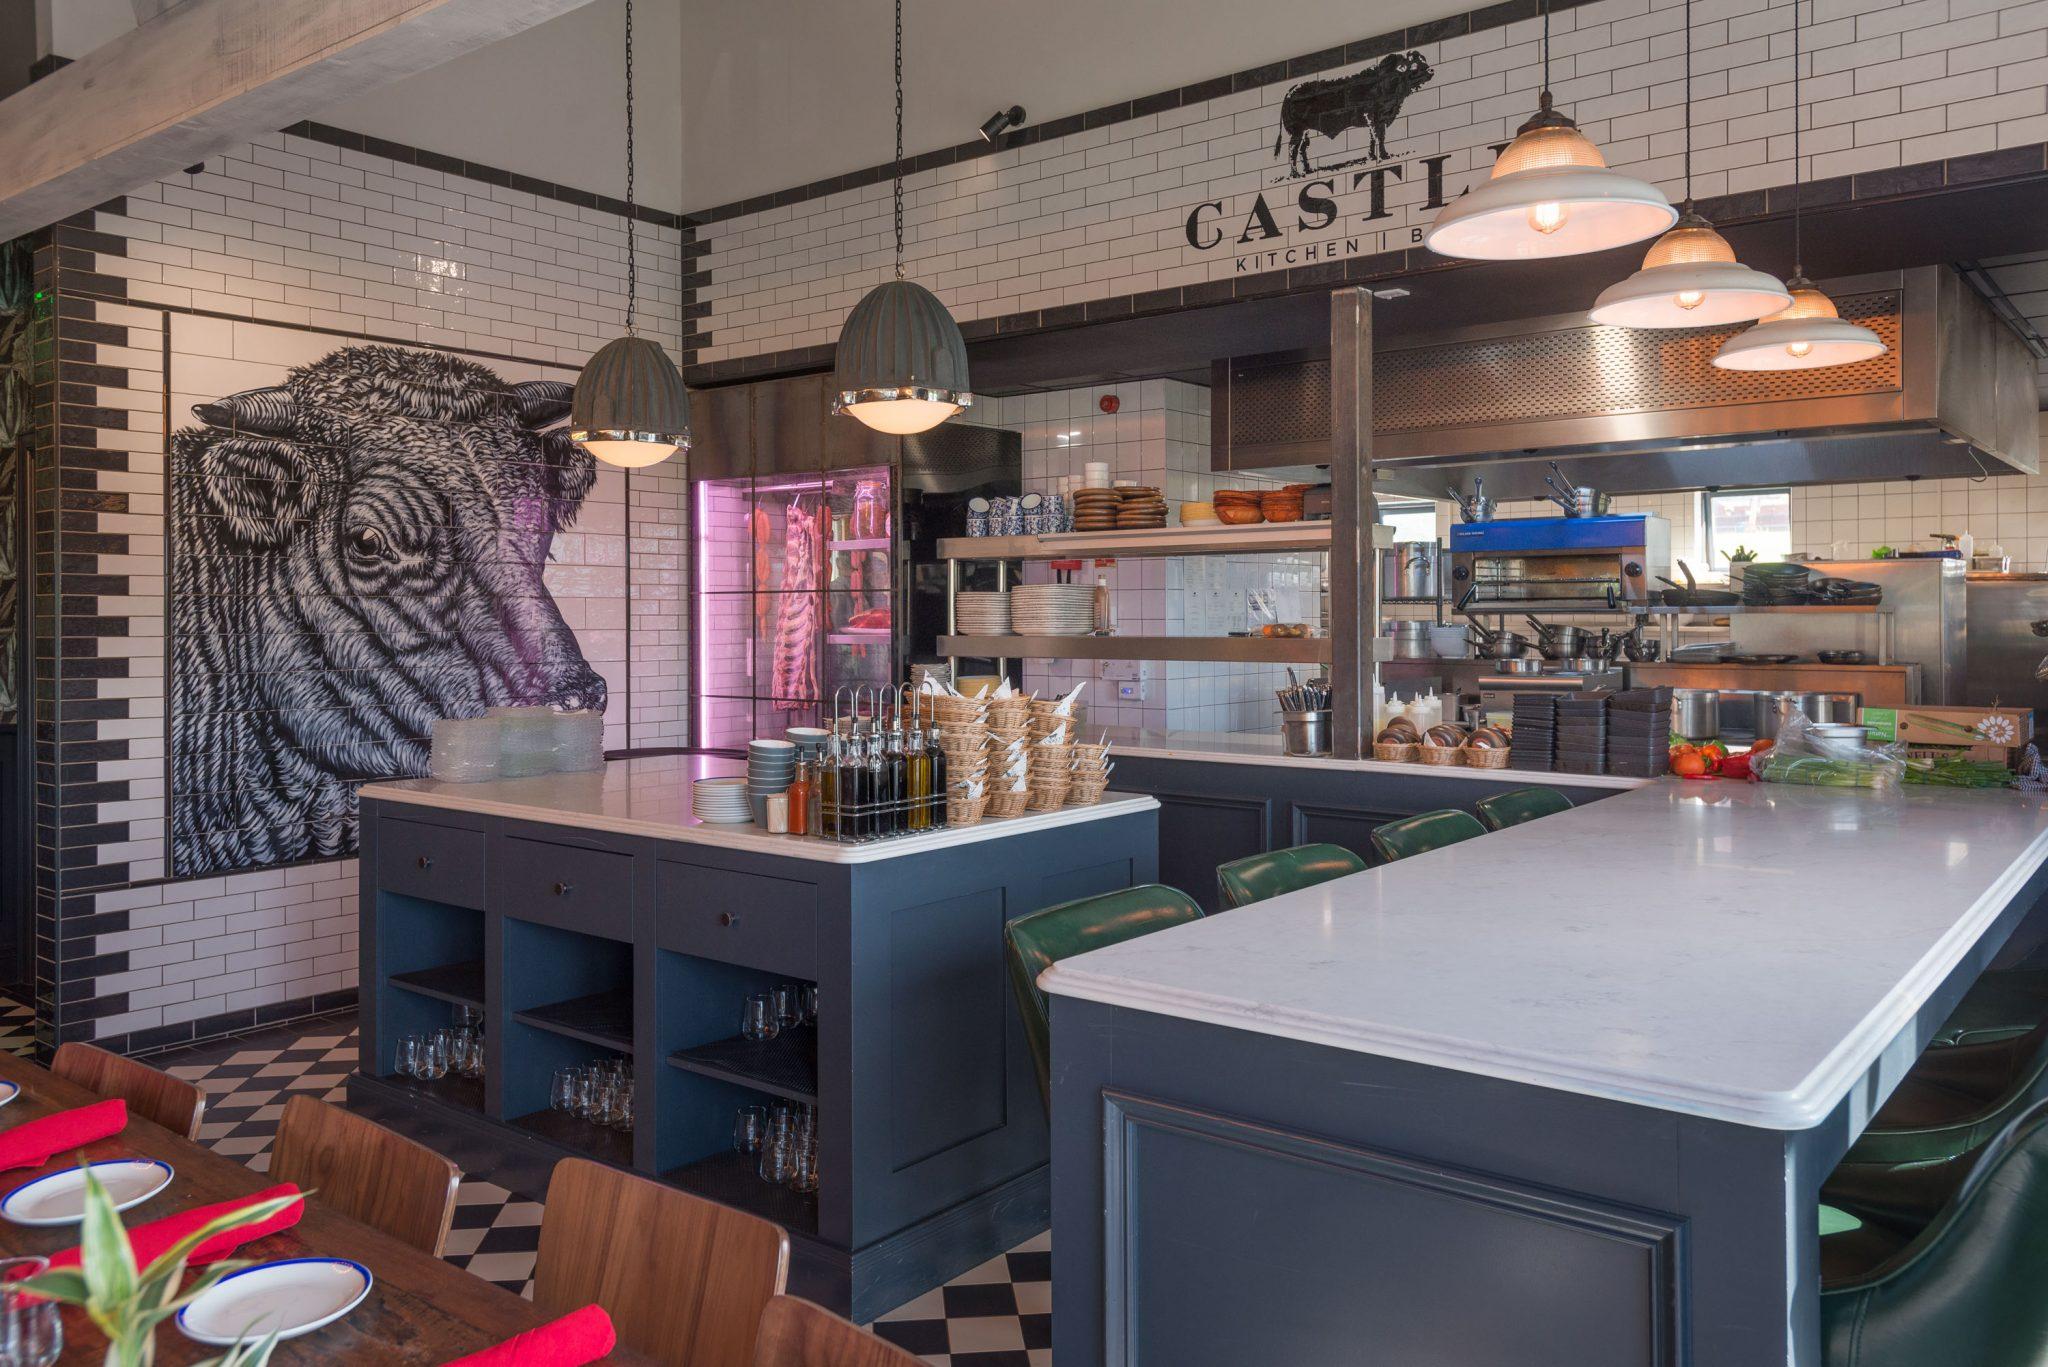 interior castle kitchen & bar